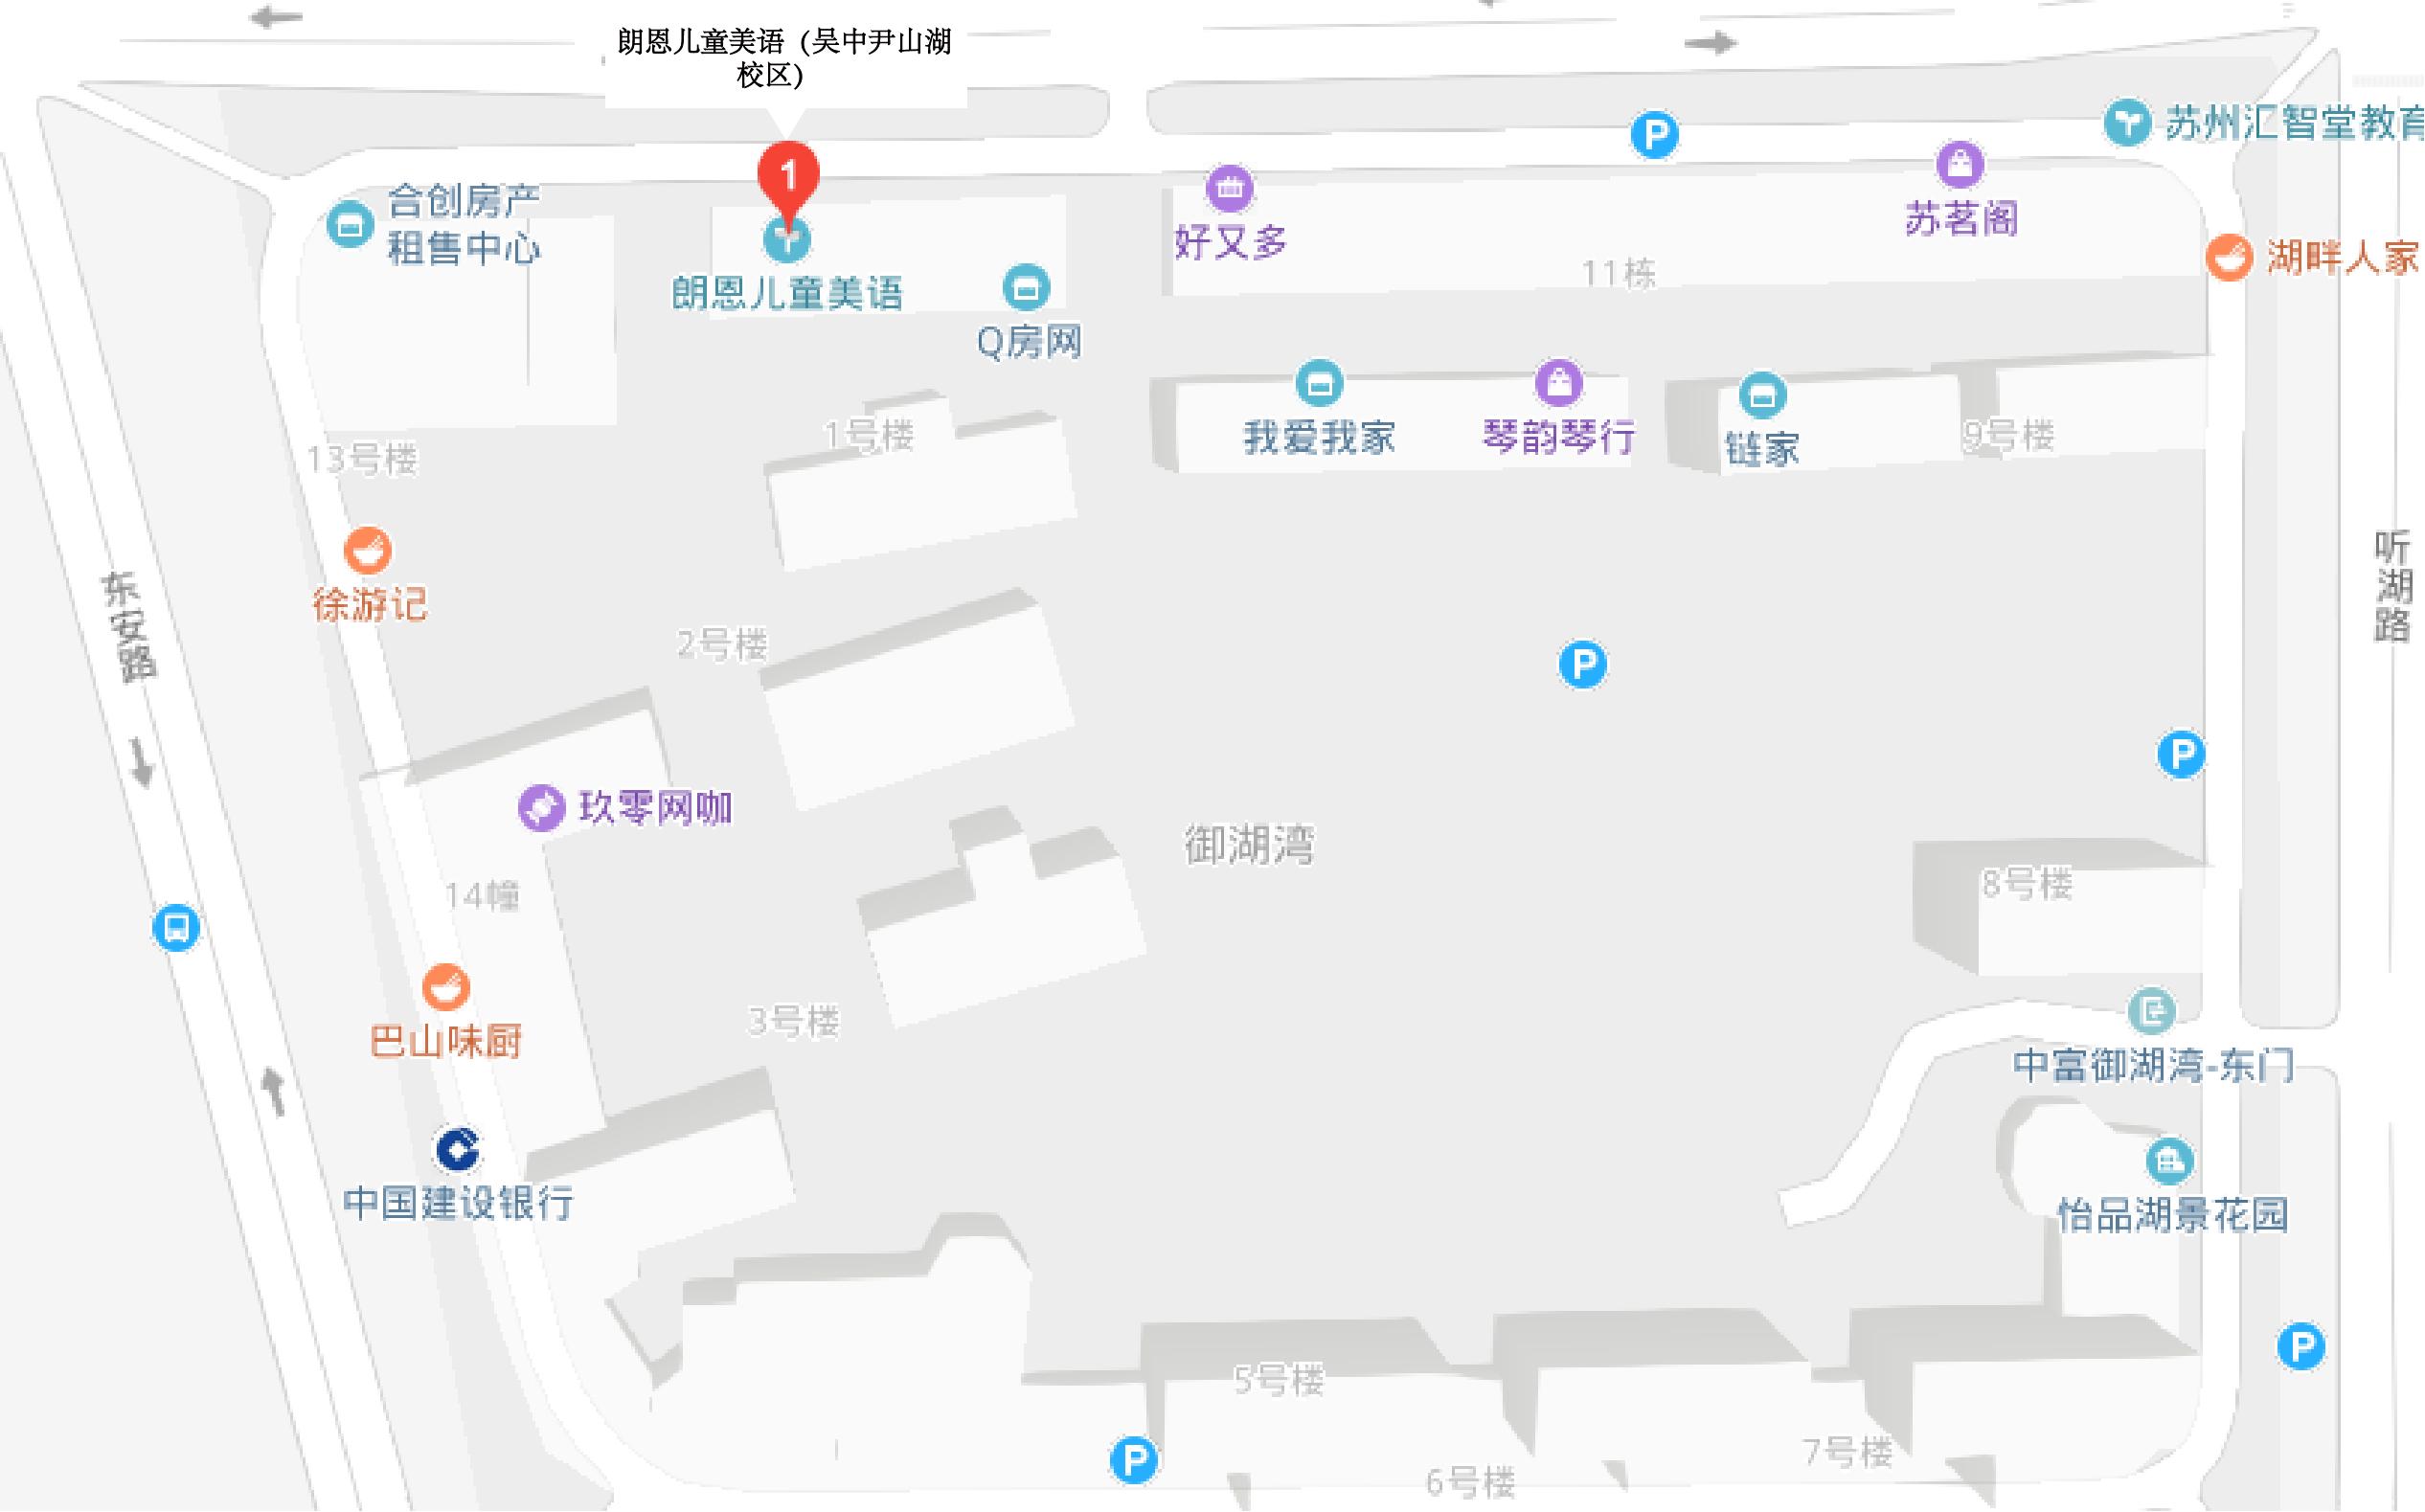 苏州吴中尹山湖校区